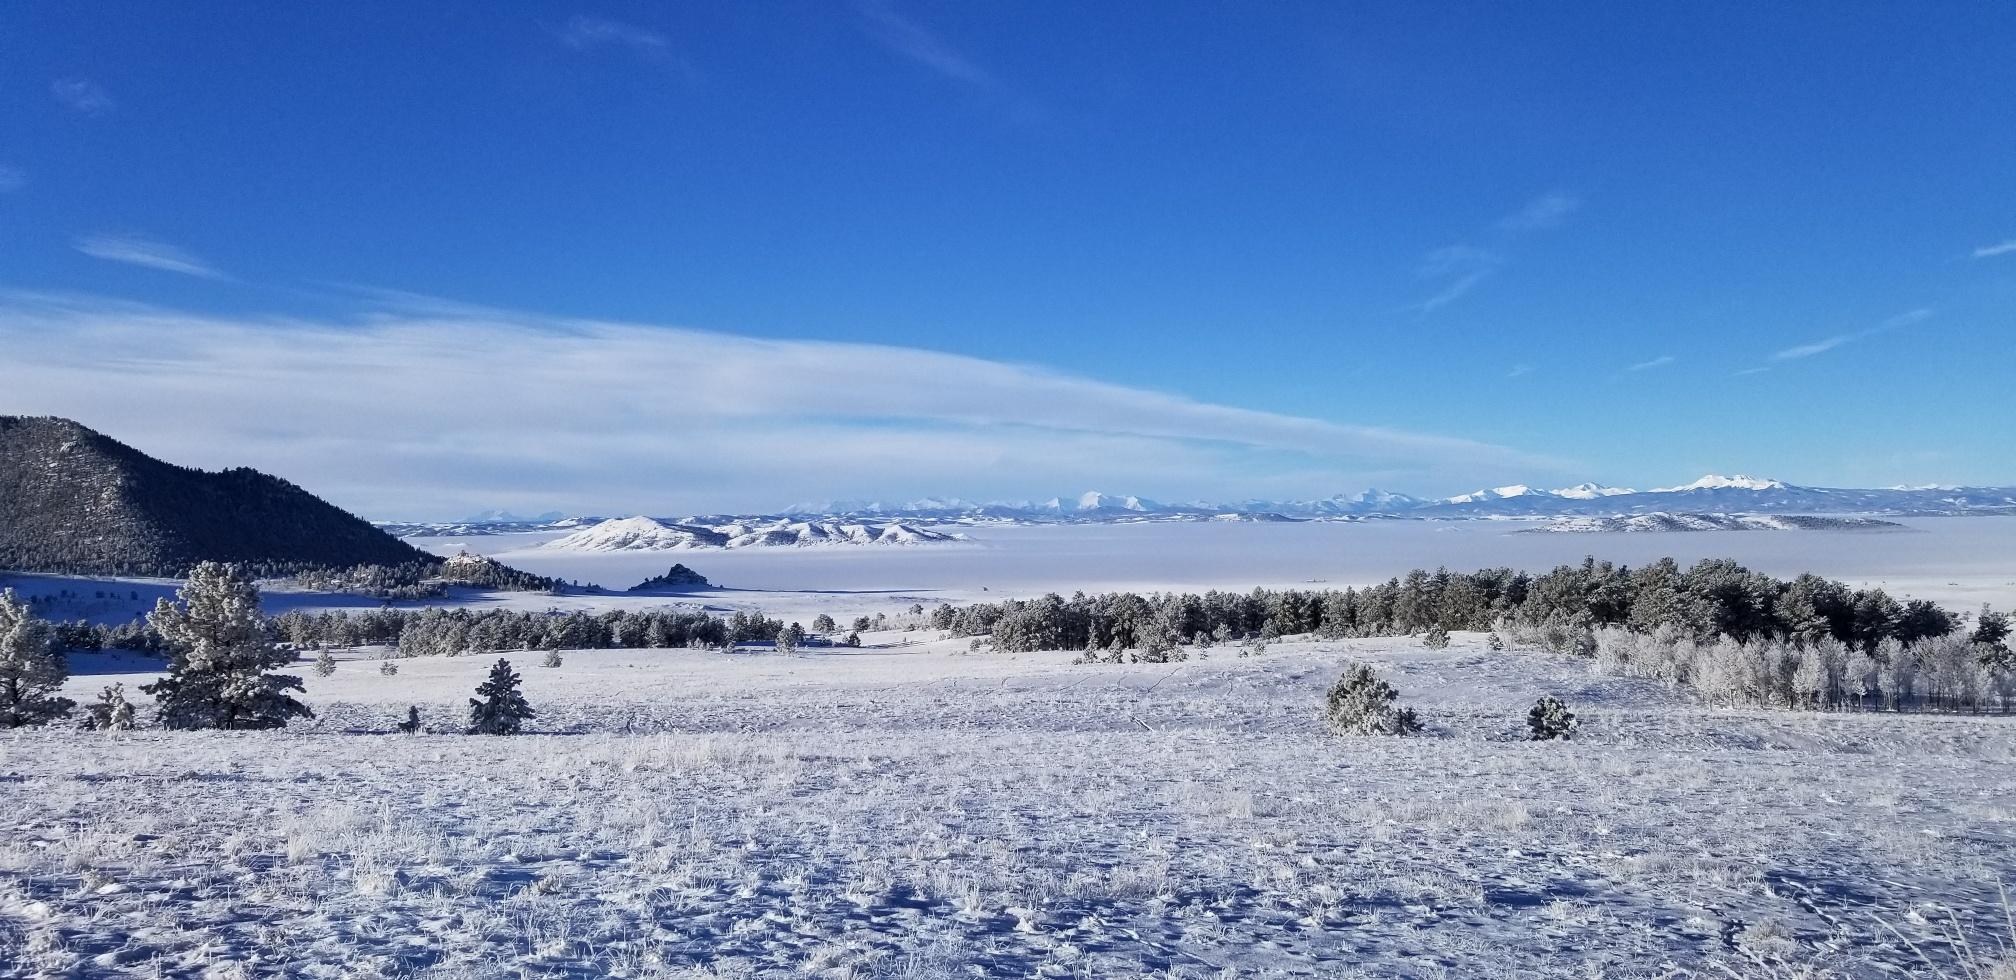 winter 2018 in colorado